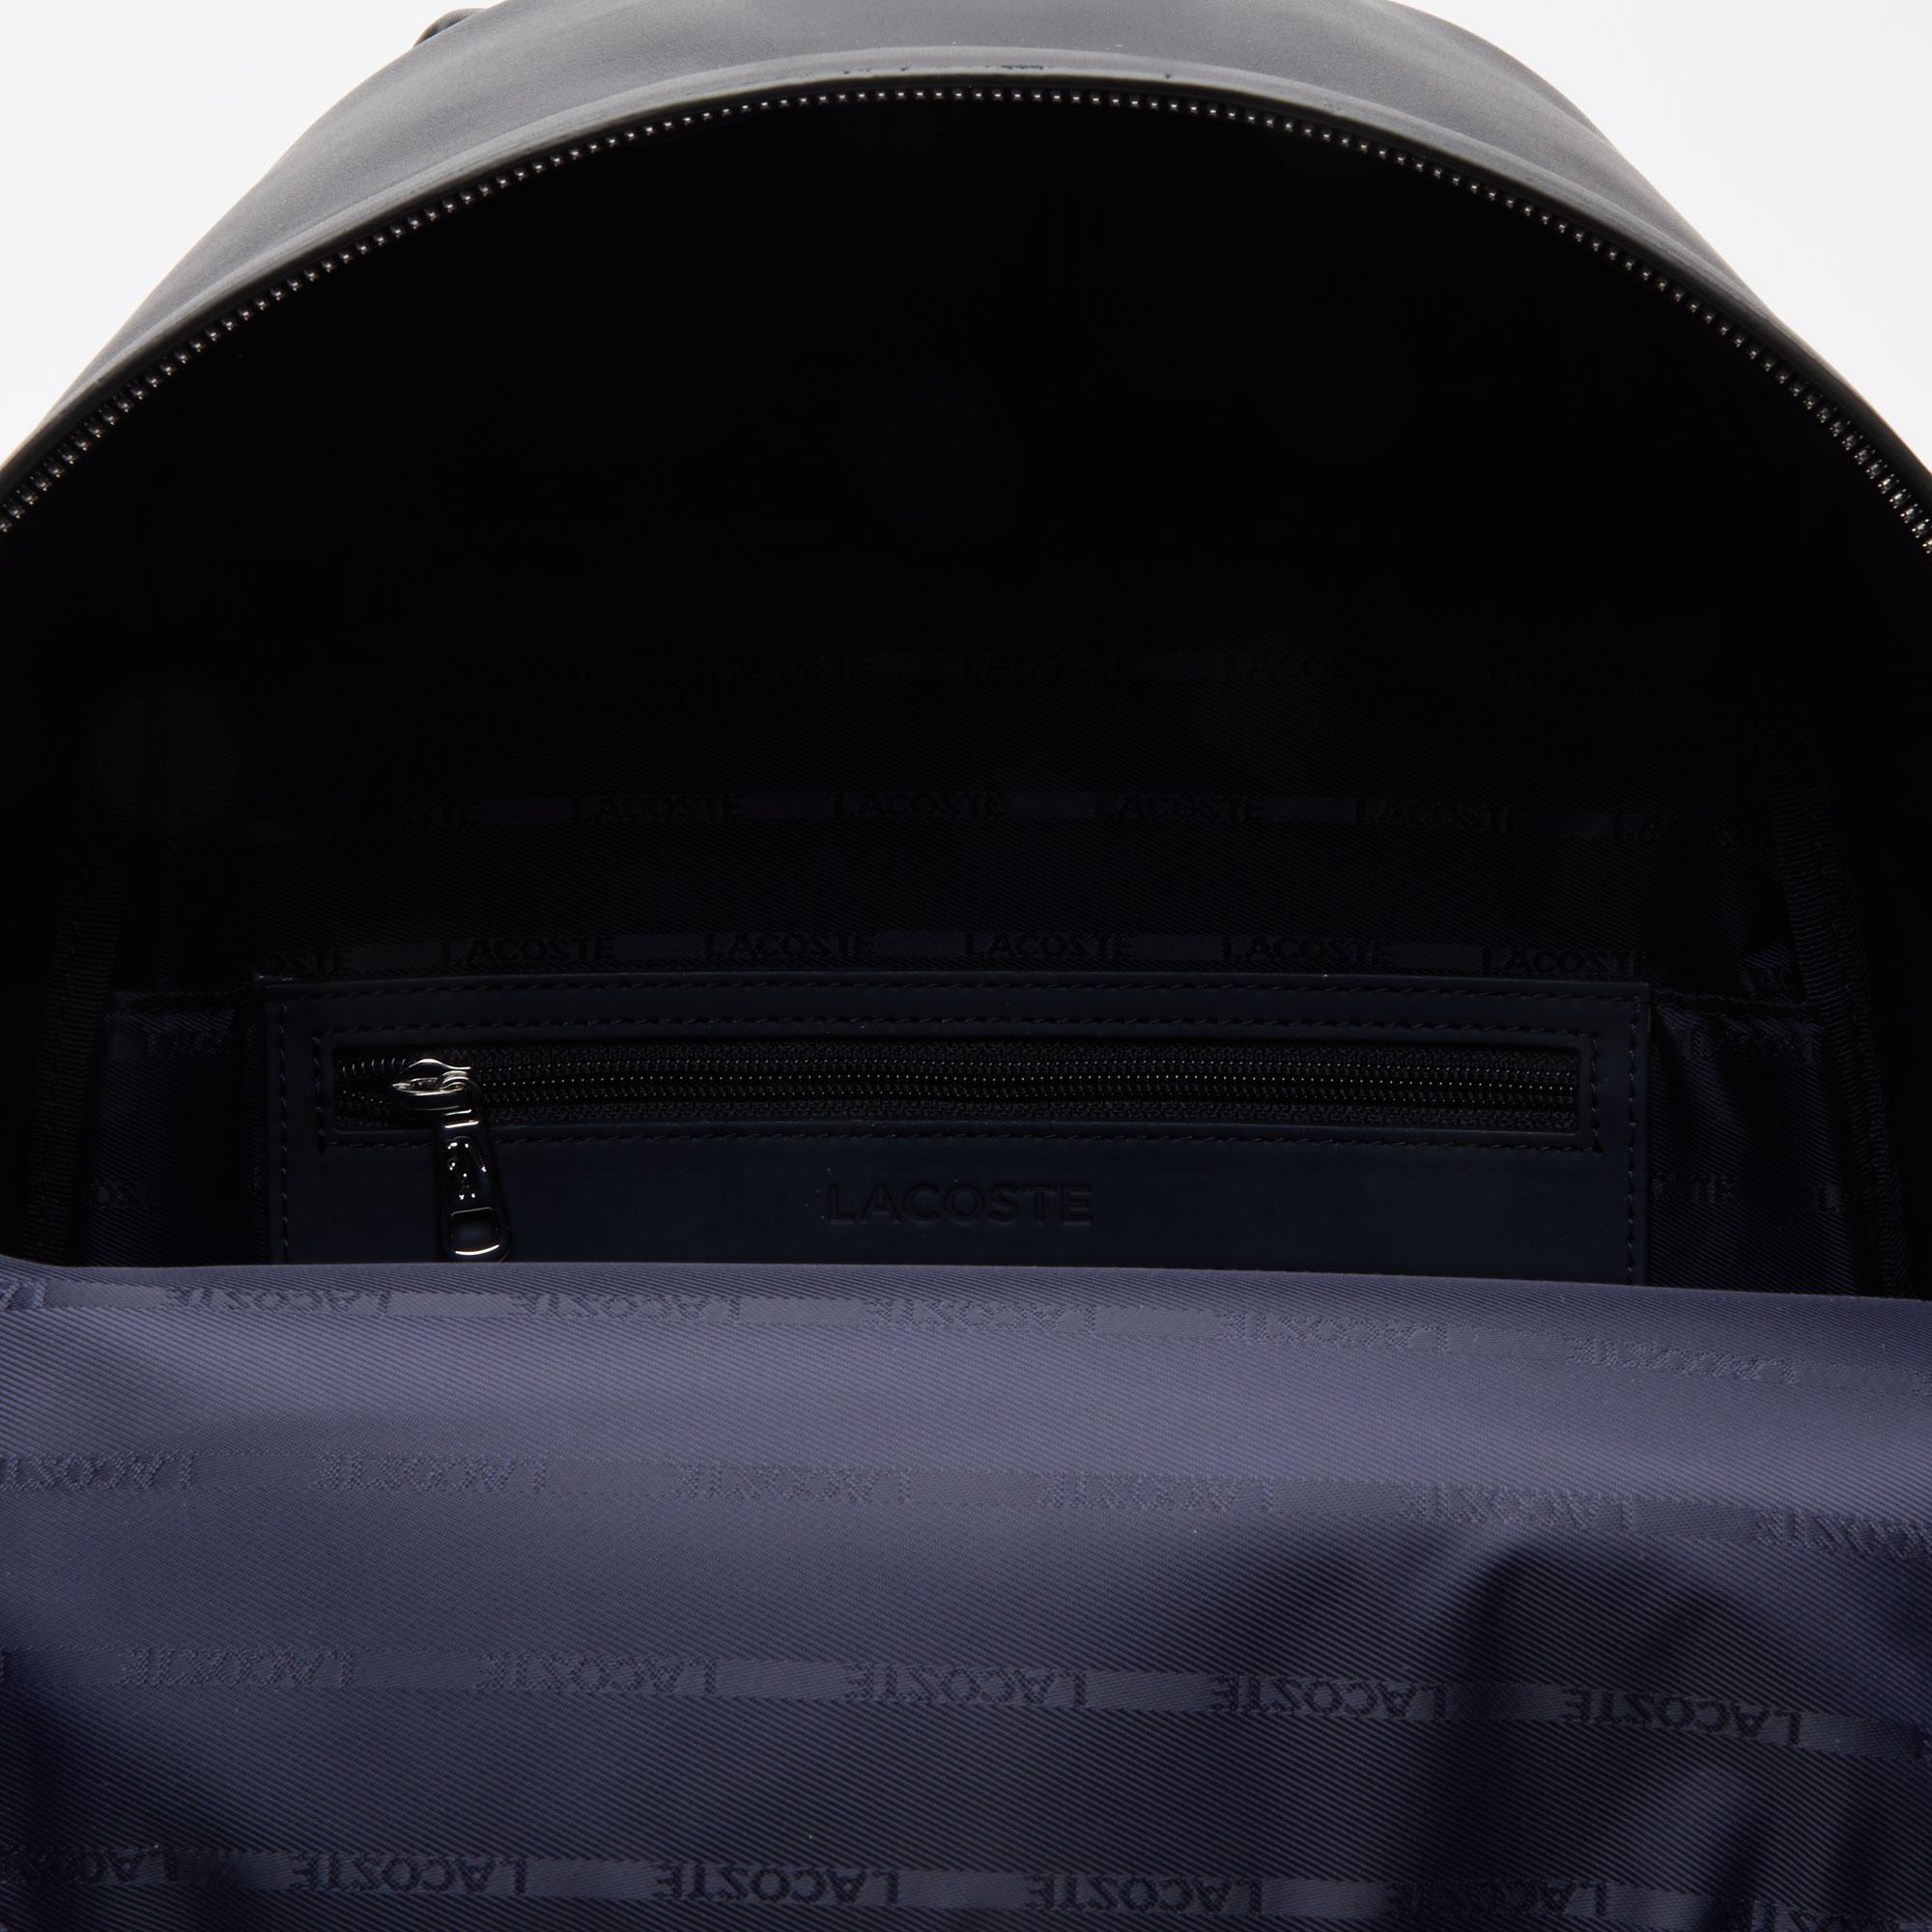 Lacoste L.12.12 Cuir Deri Timsah Baskılı Siyah Sırt Çantası